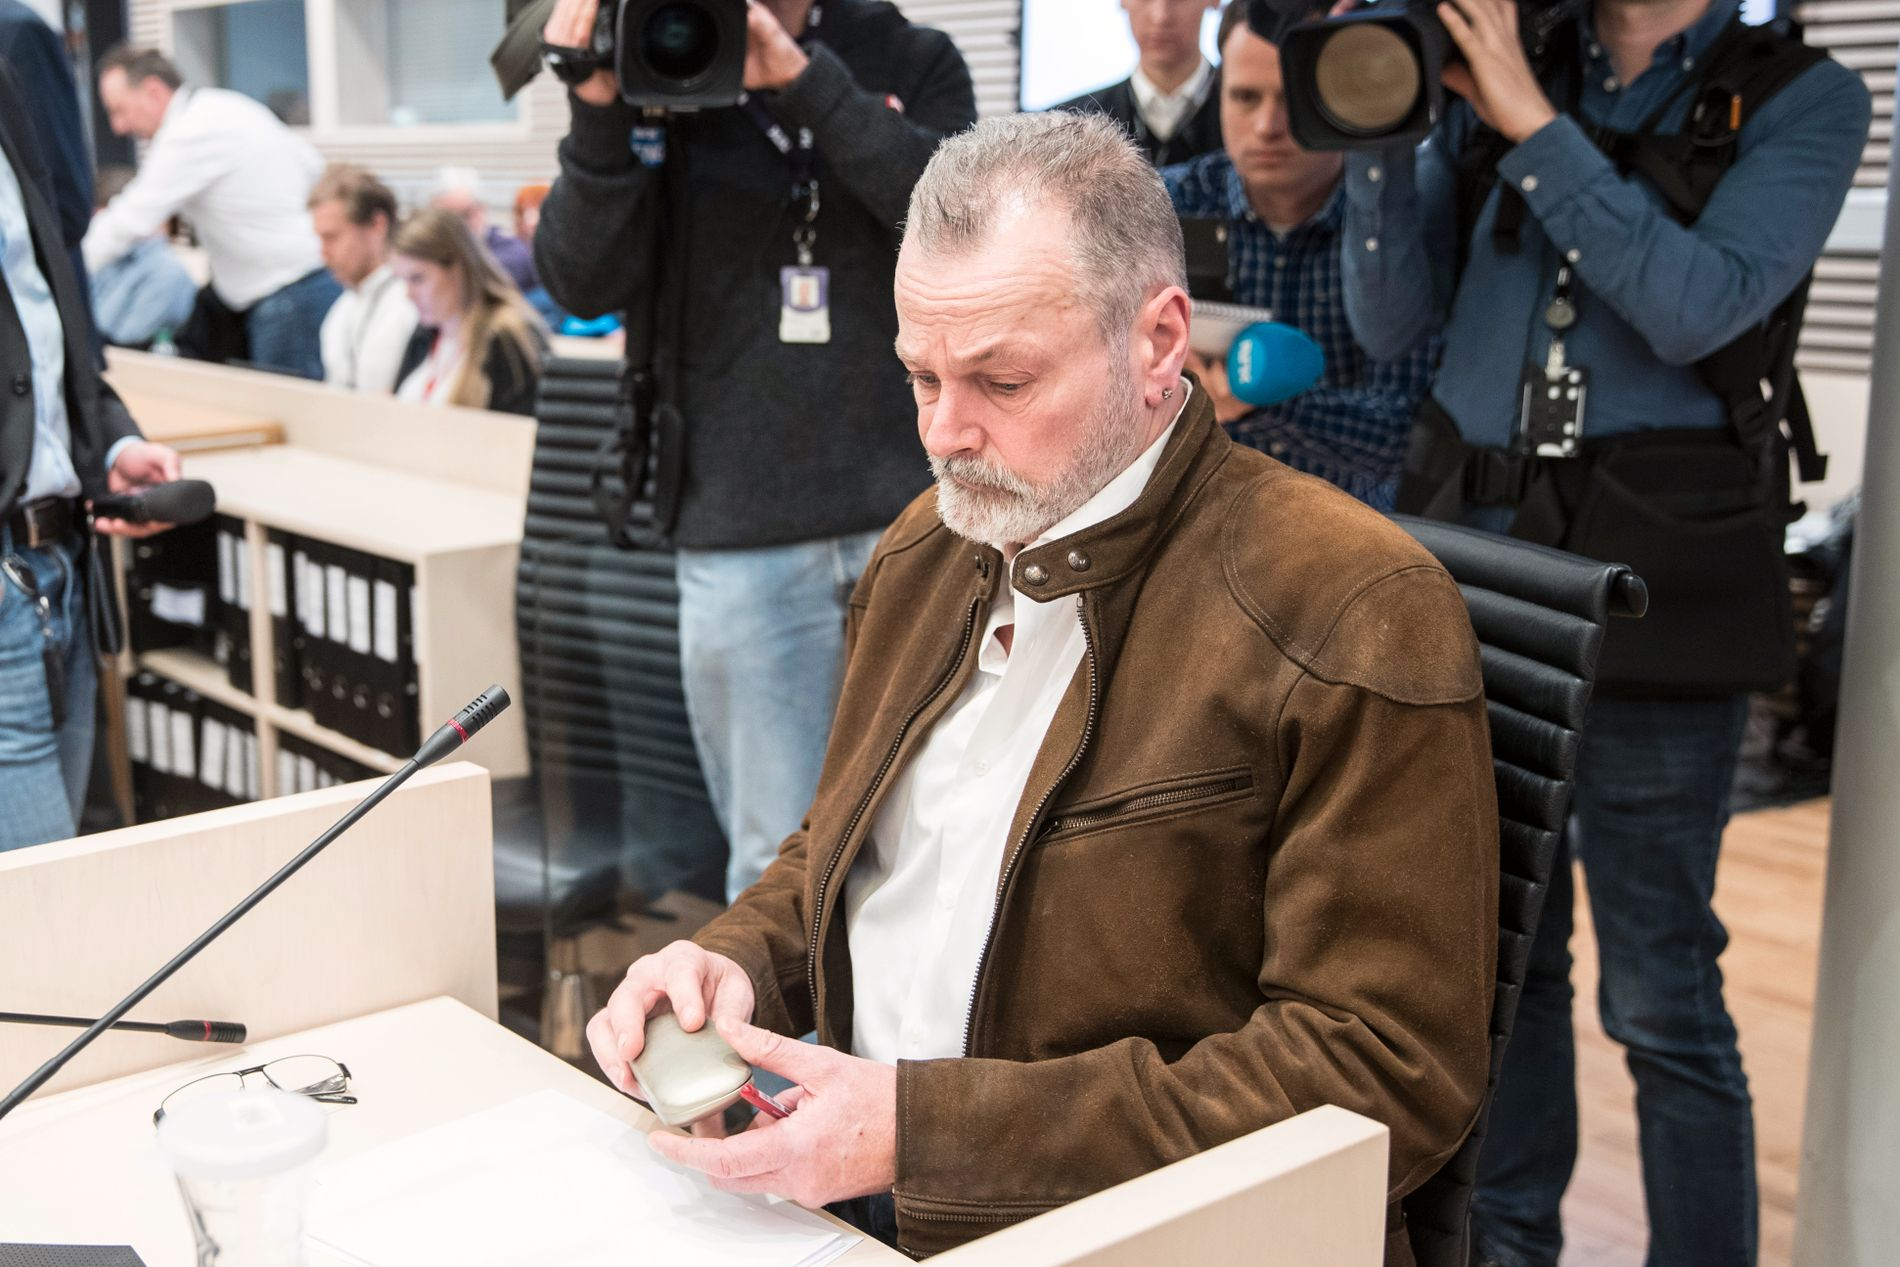 FØRST UT: Her er Eirik Jensen i vitneboksen i tingretten. Han skal forklare seg først av de to tiltalte i ankesaken.